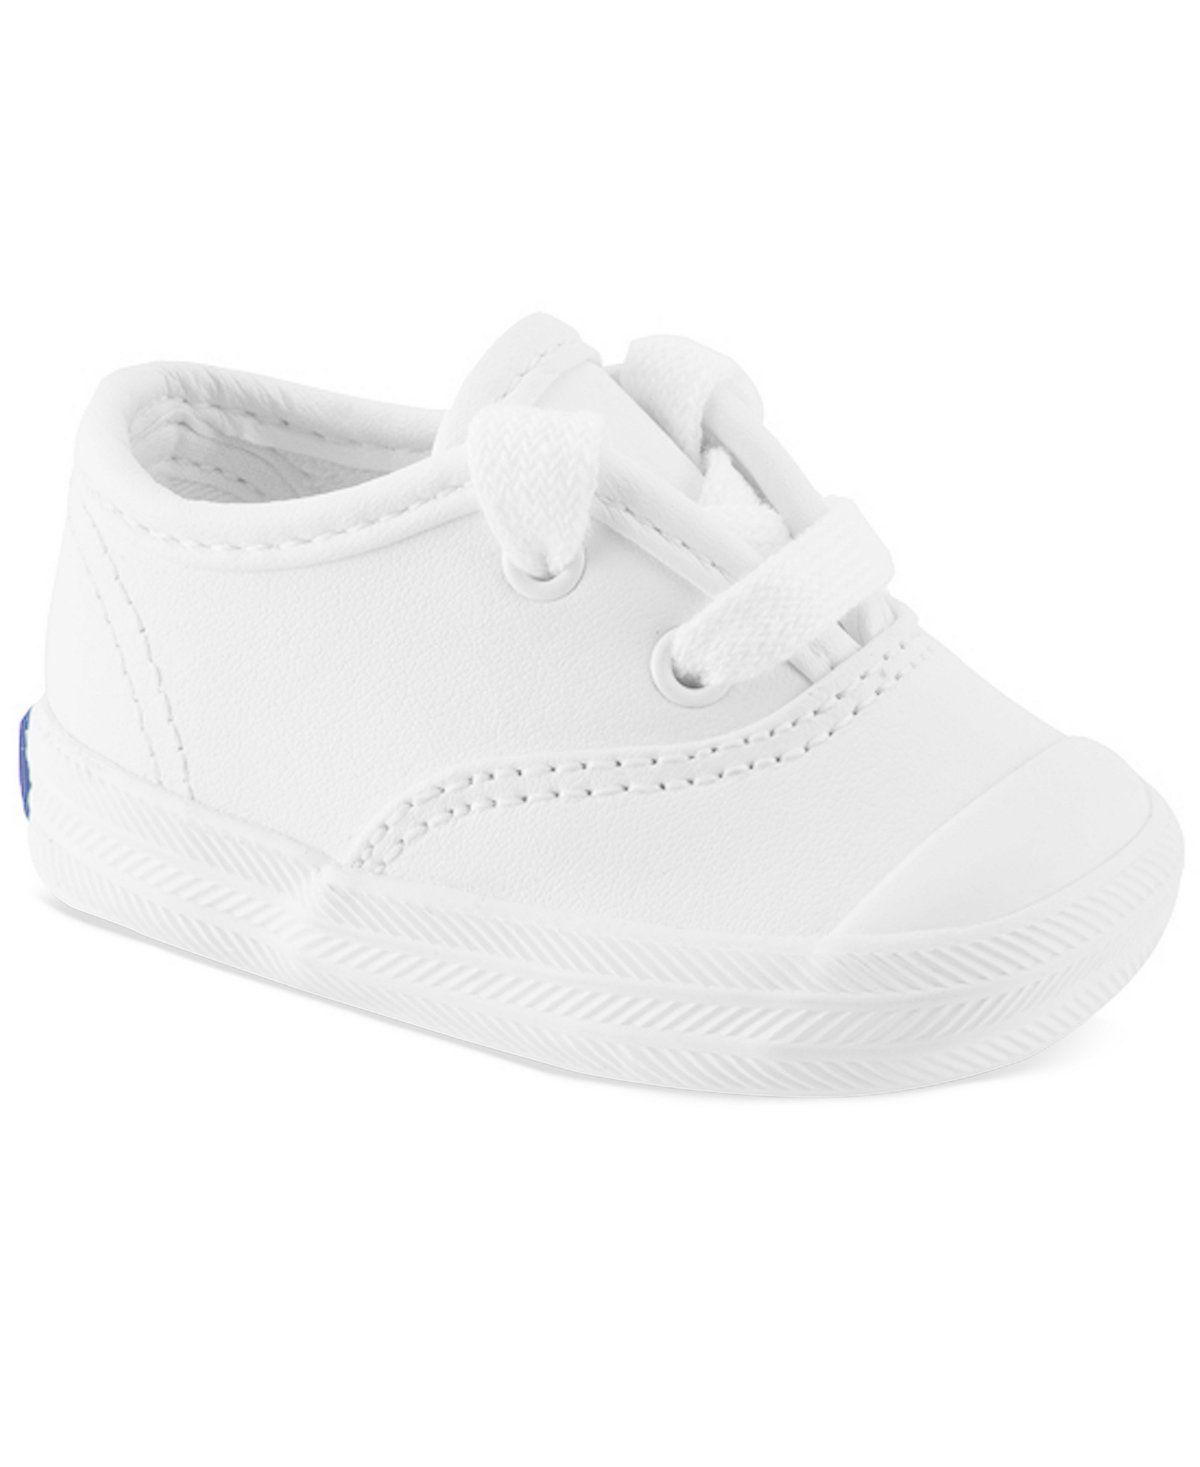 90e4ee420d312 Keds Kids Shoes